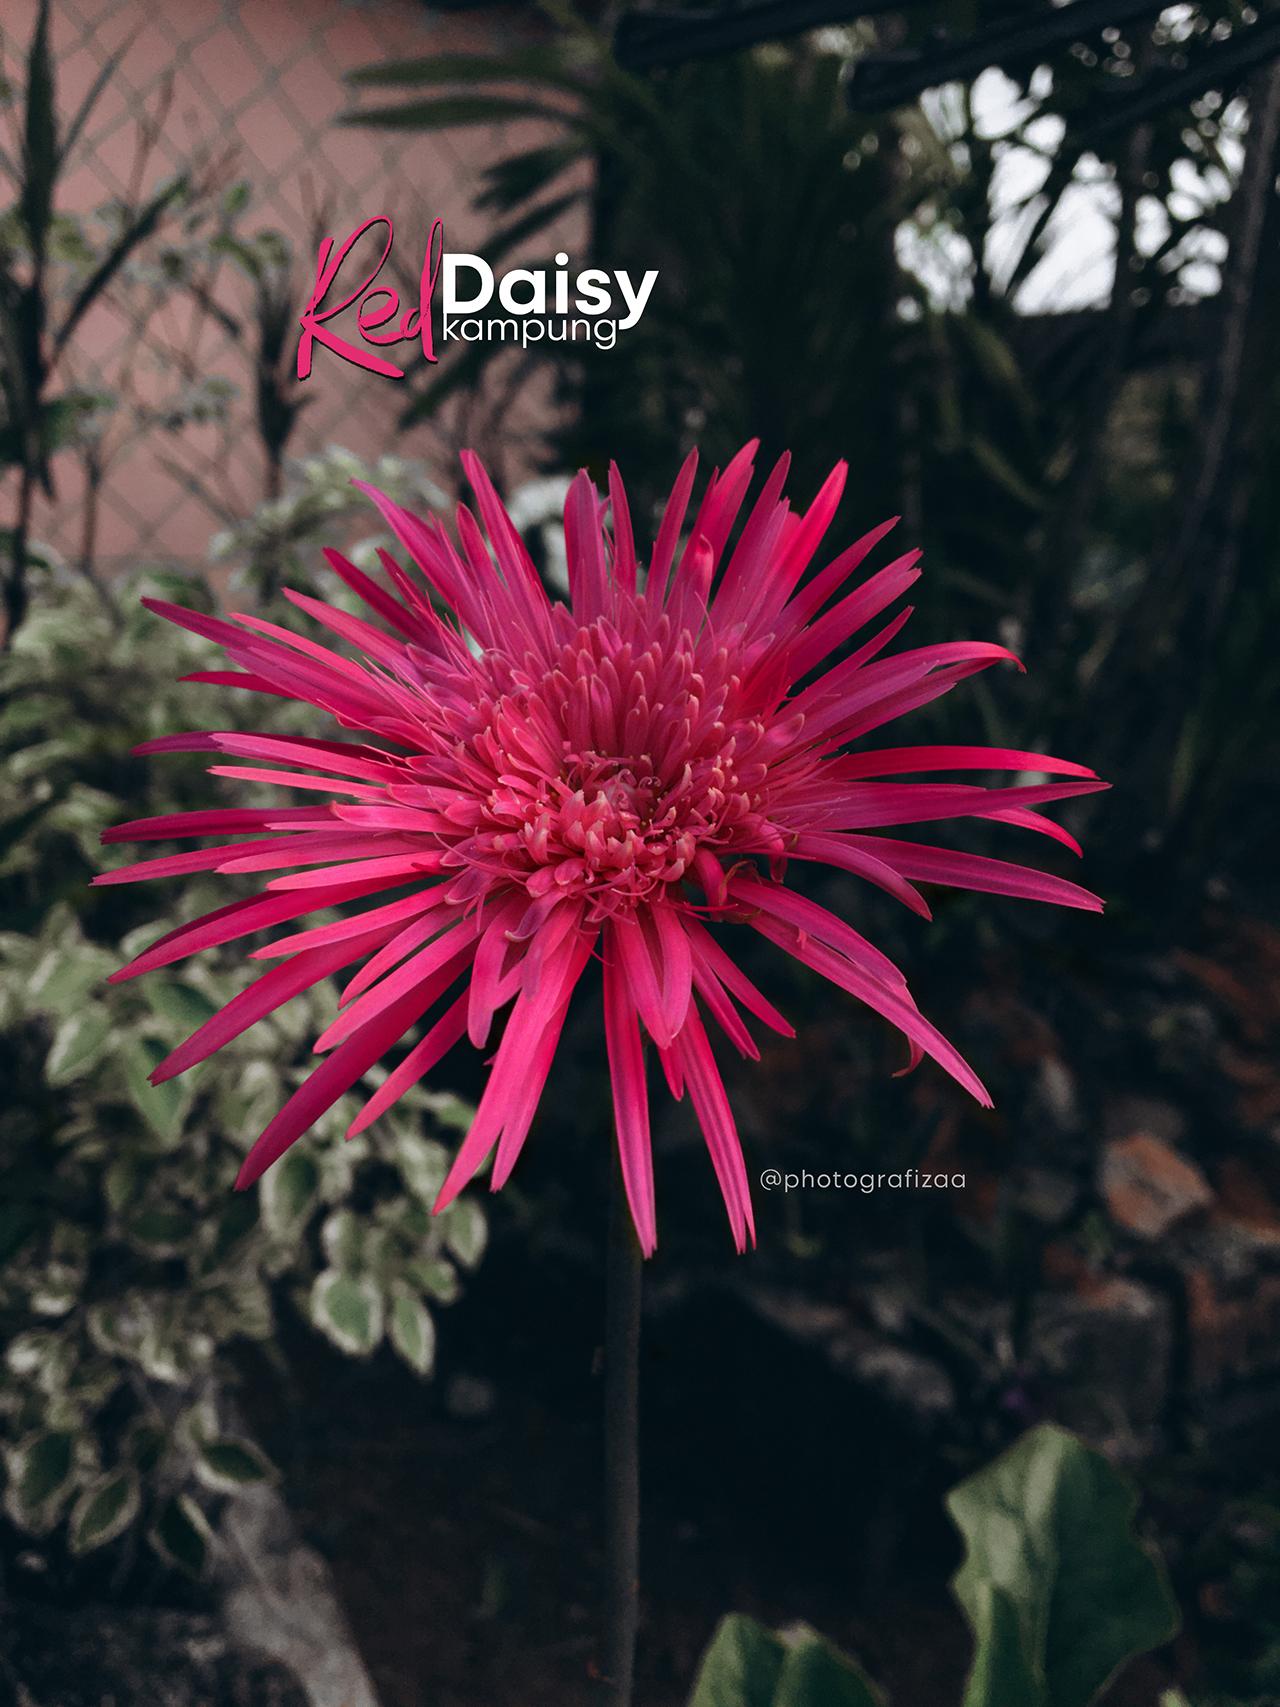 Bunga Daisy Kampung Merah